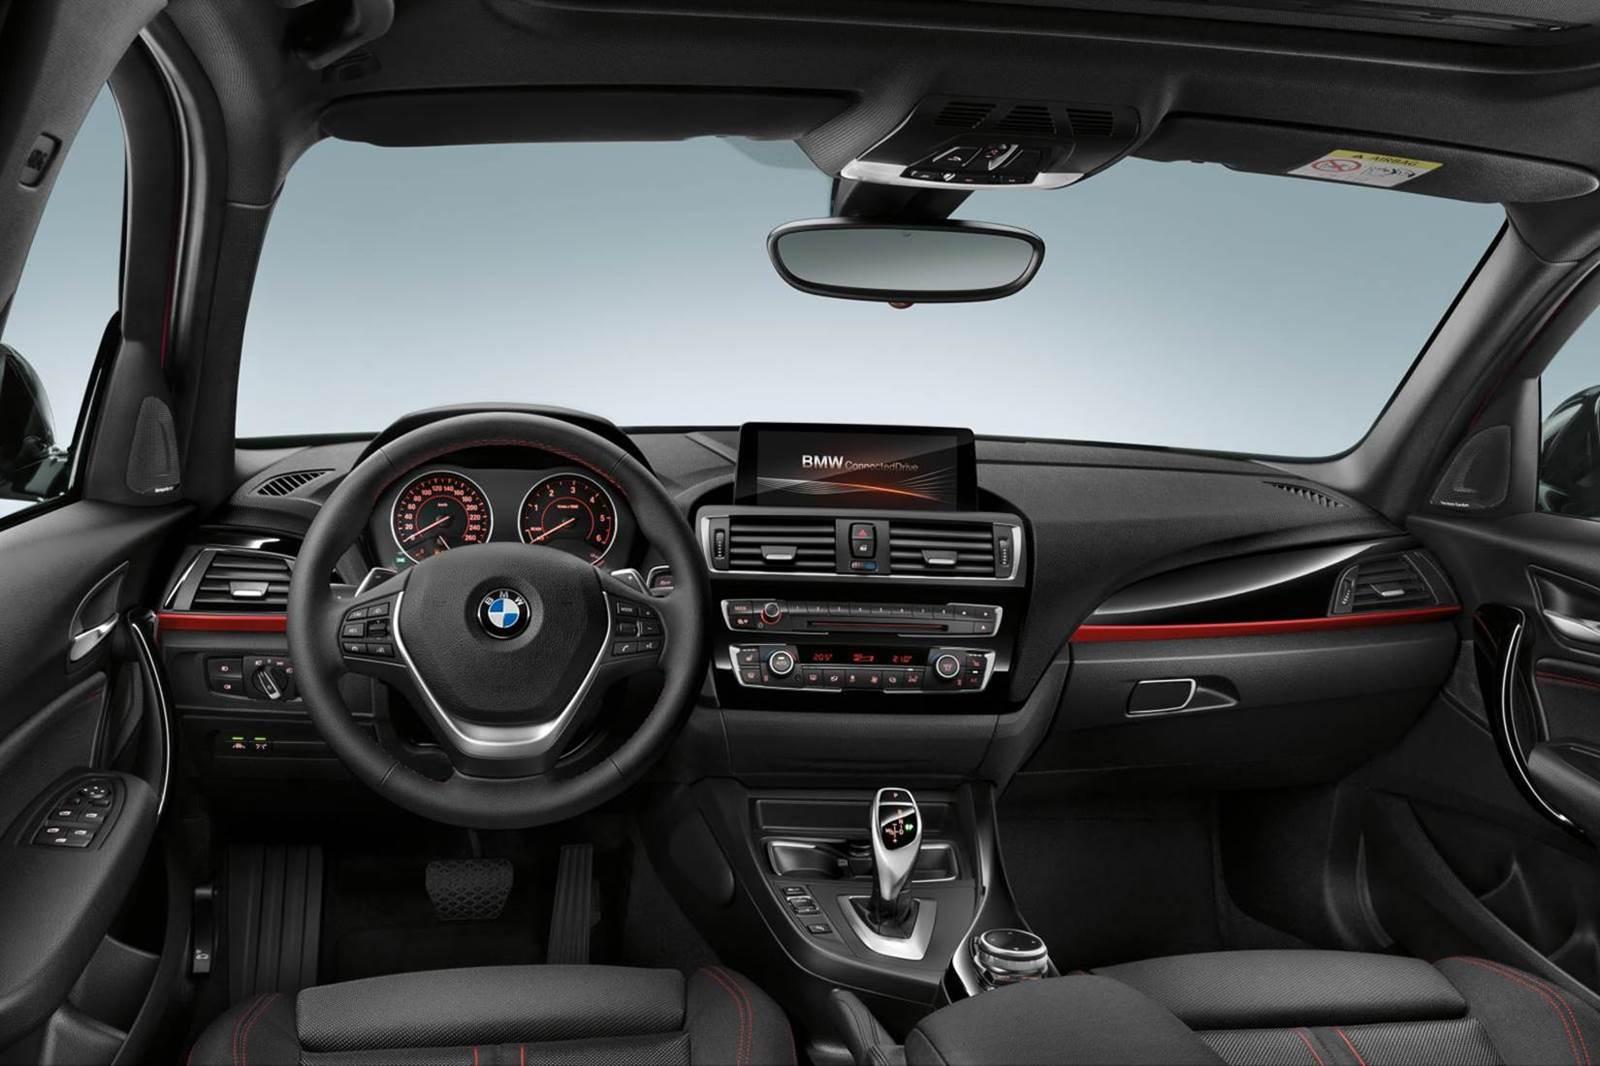 Novo BMW Série 1 2016 chega ao Brasil: preço R$ 109.950 | CAR.BLOG.BR